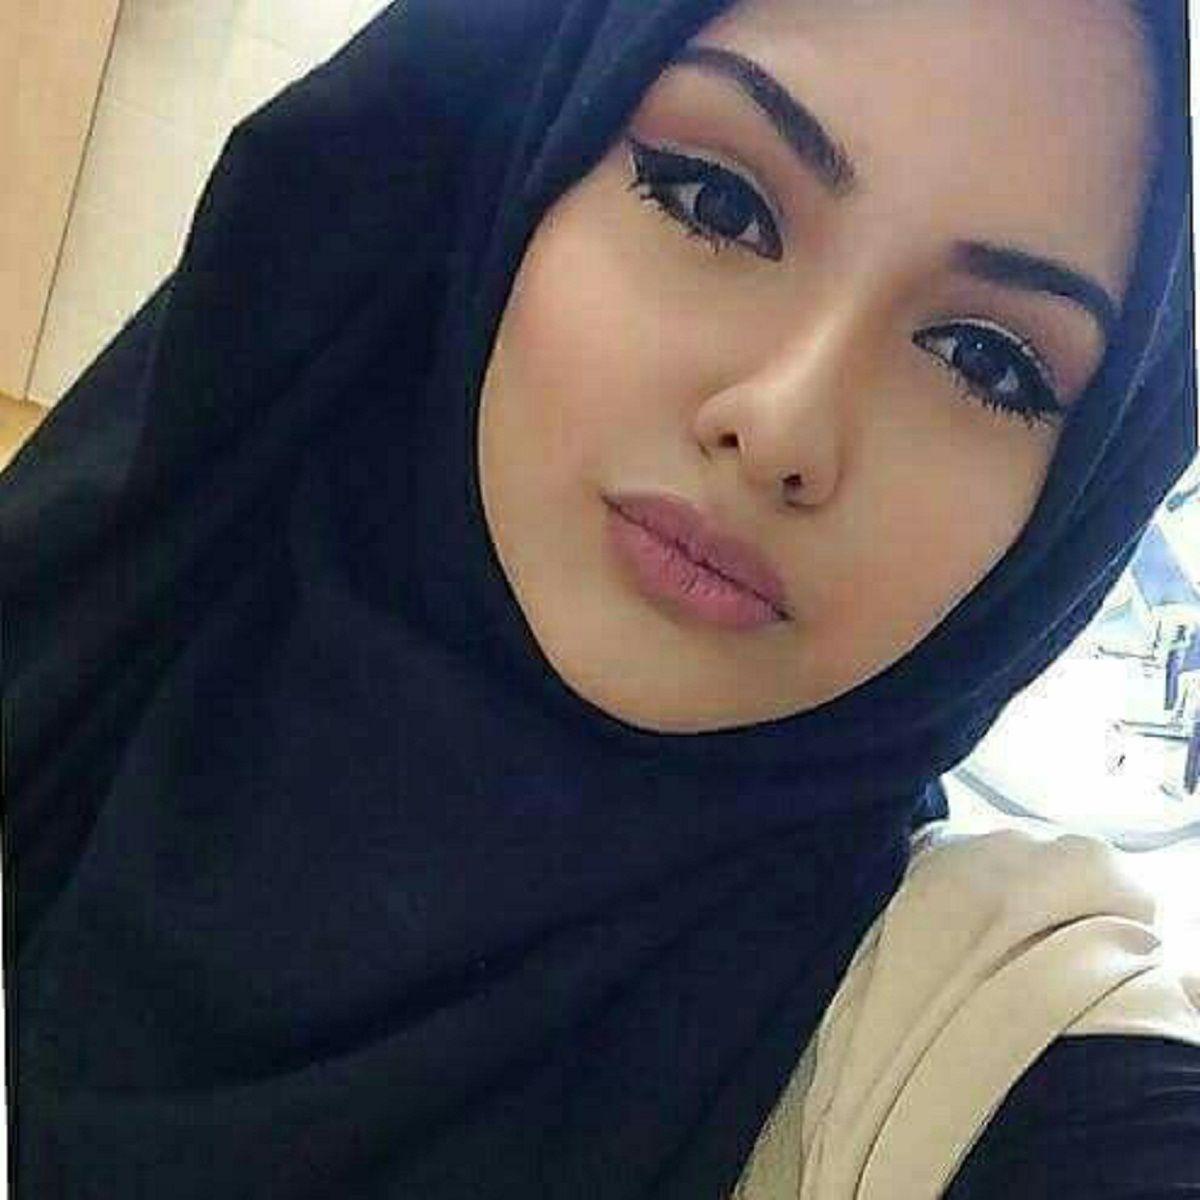 بالصور صور بنات سعوديه , اجمل الصور و الرمزيات لبنات السعودية 323 7